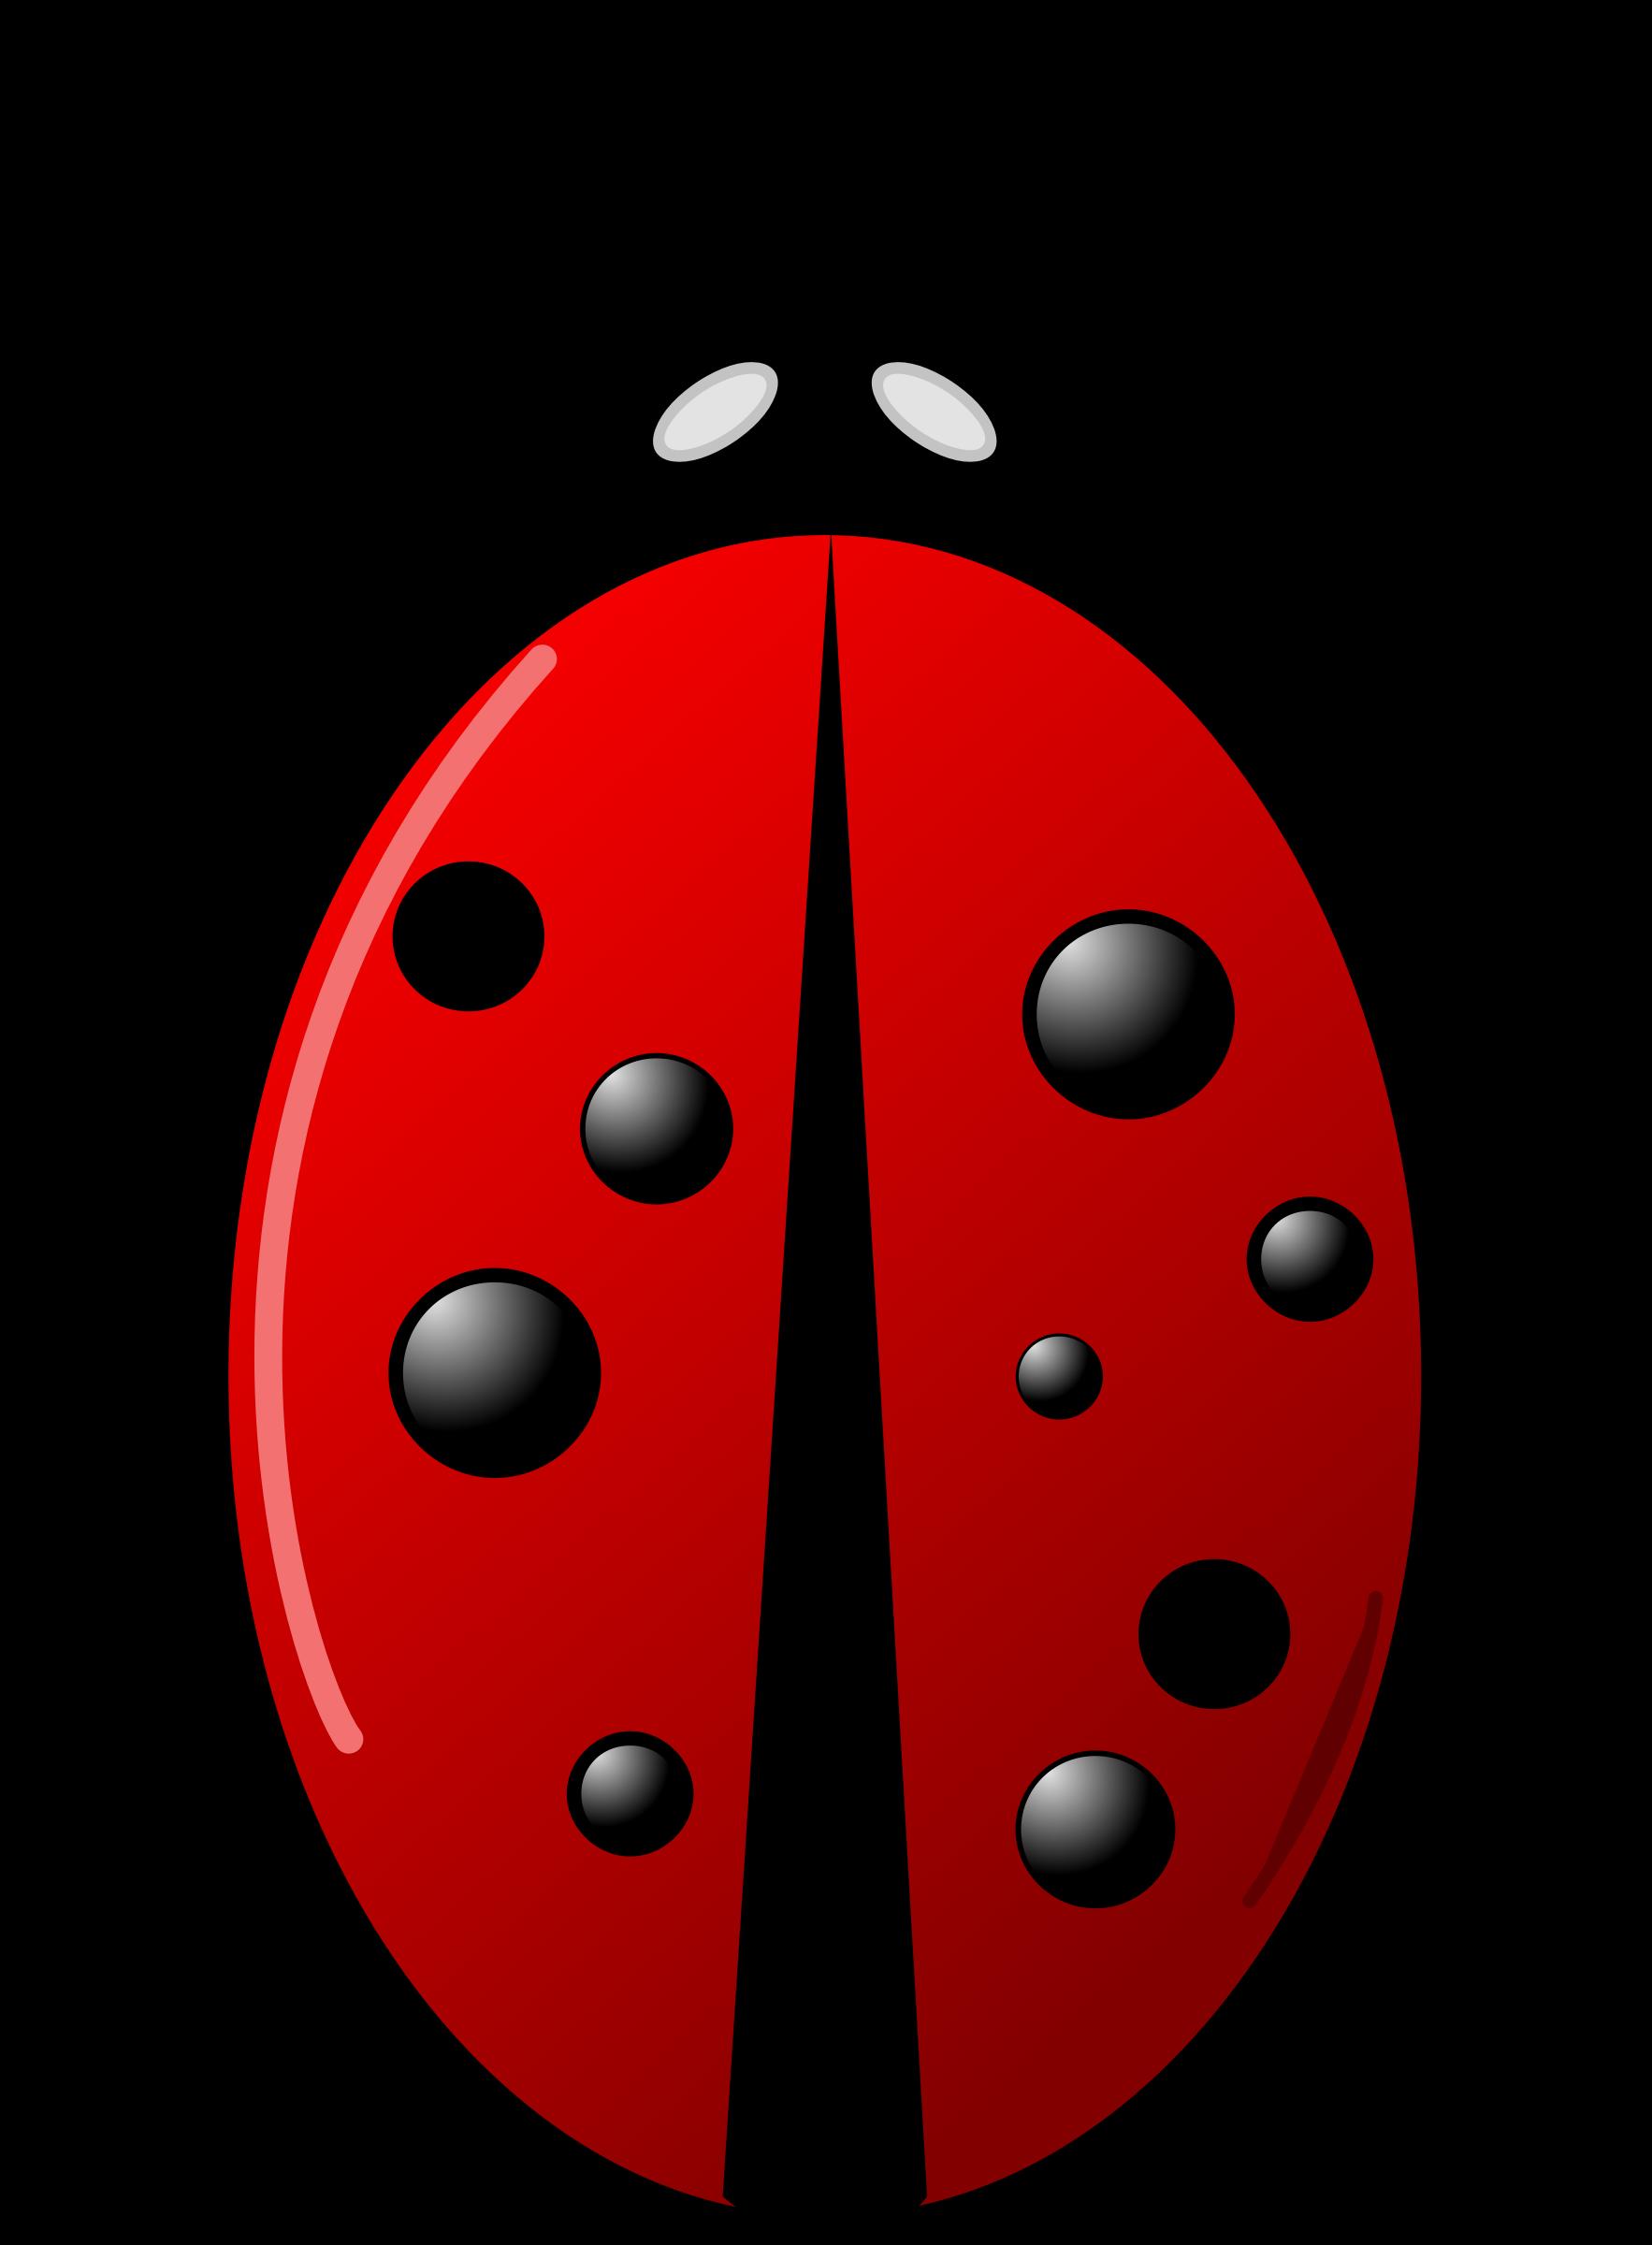 Beetle clipart stylized. Ladybug big image png